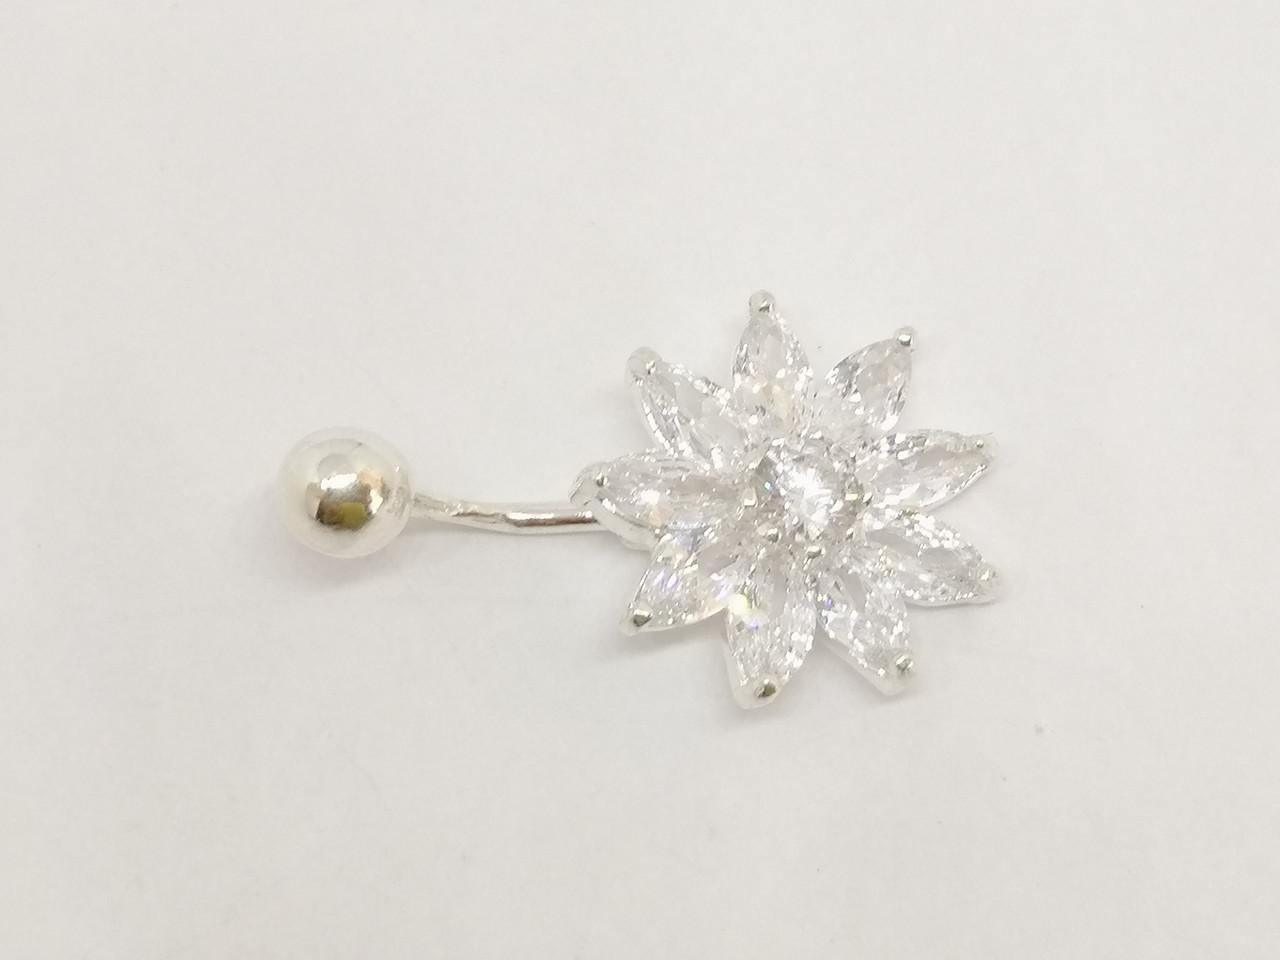 Срібна сережка для пірсингу пупкаС фіанітами. Артикул 6043-15